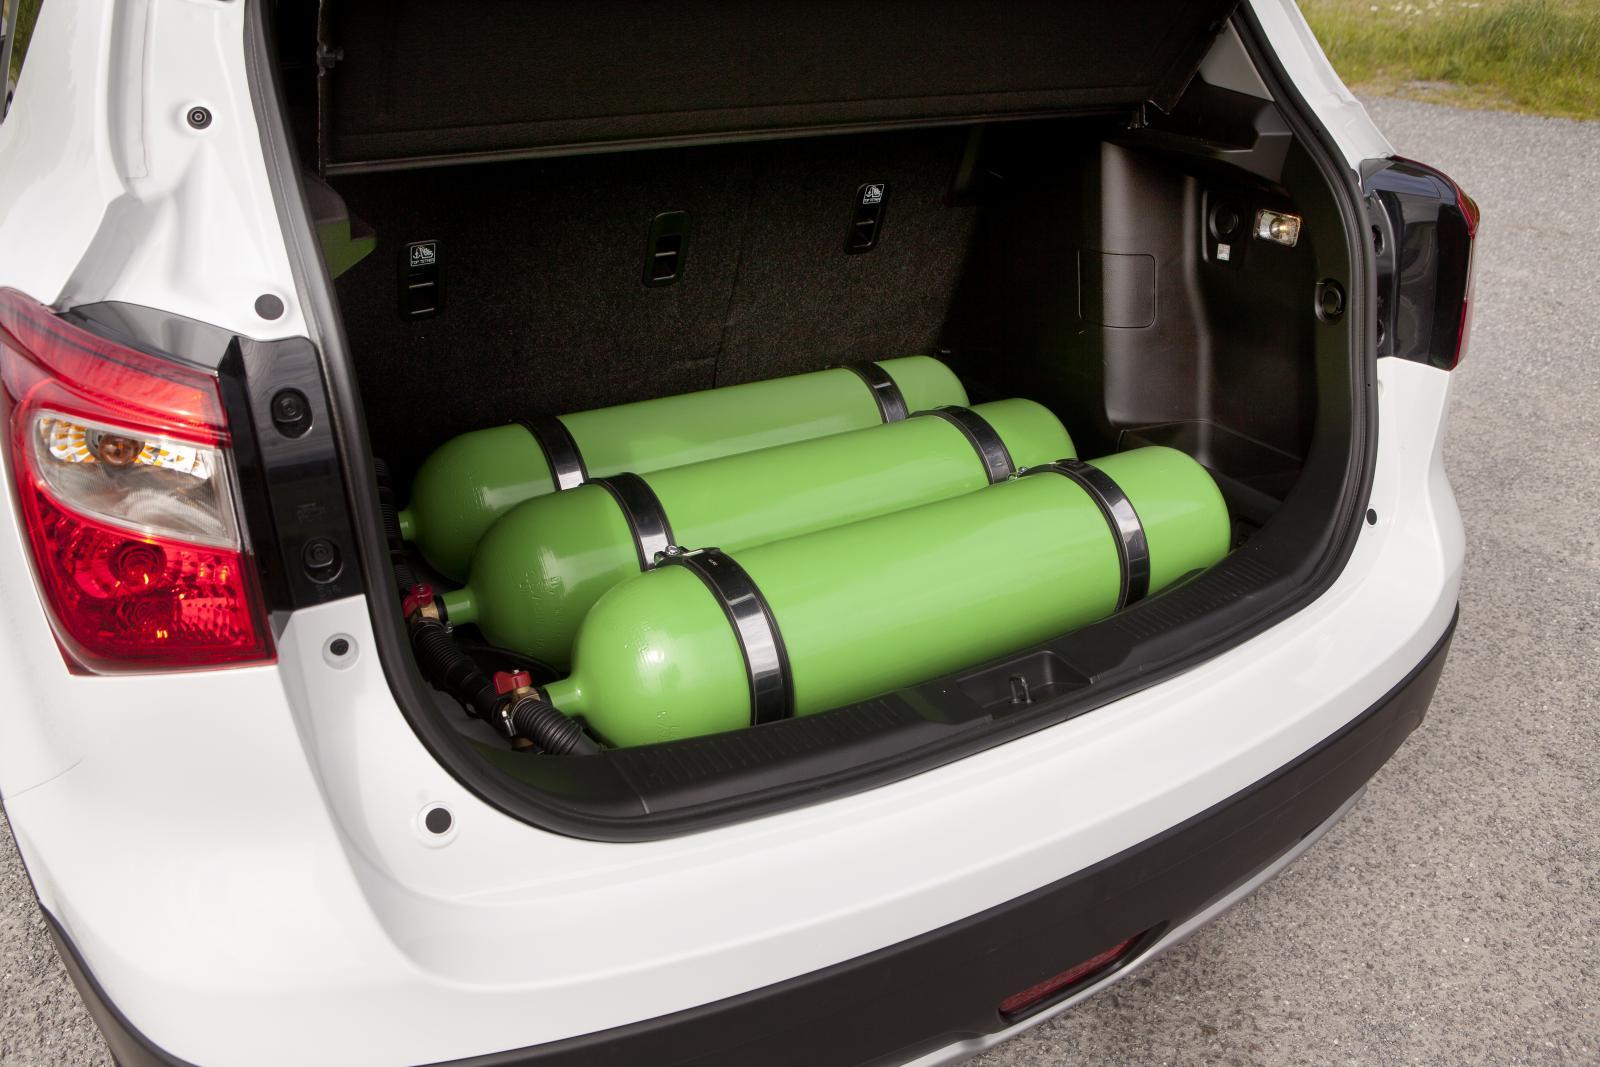 Gastankarna placeras i regel under golvet i bagageutrymmet. Risken för rostangrepp, som vi rapporterat om tidigare, blir därför minimal.